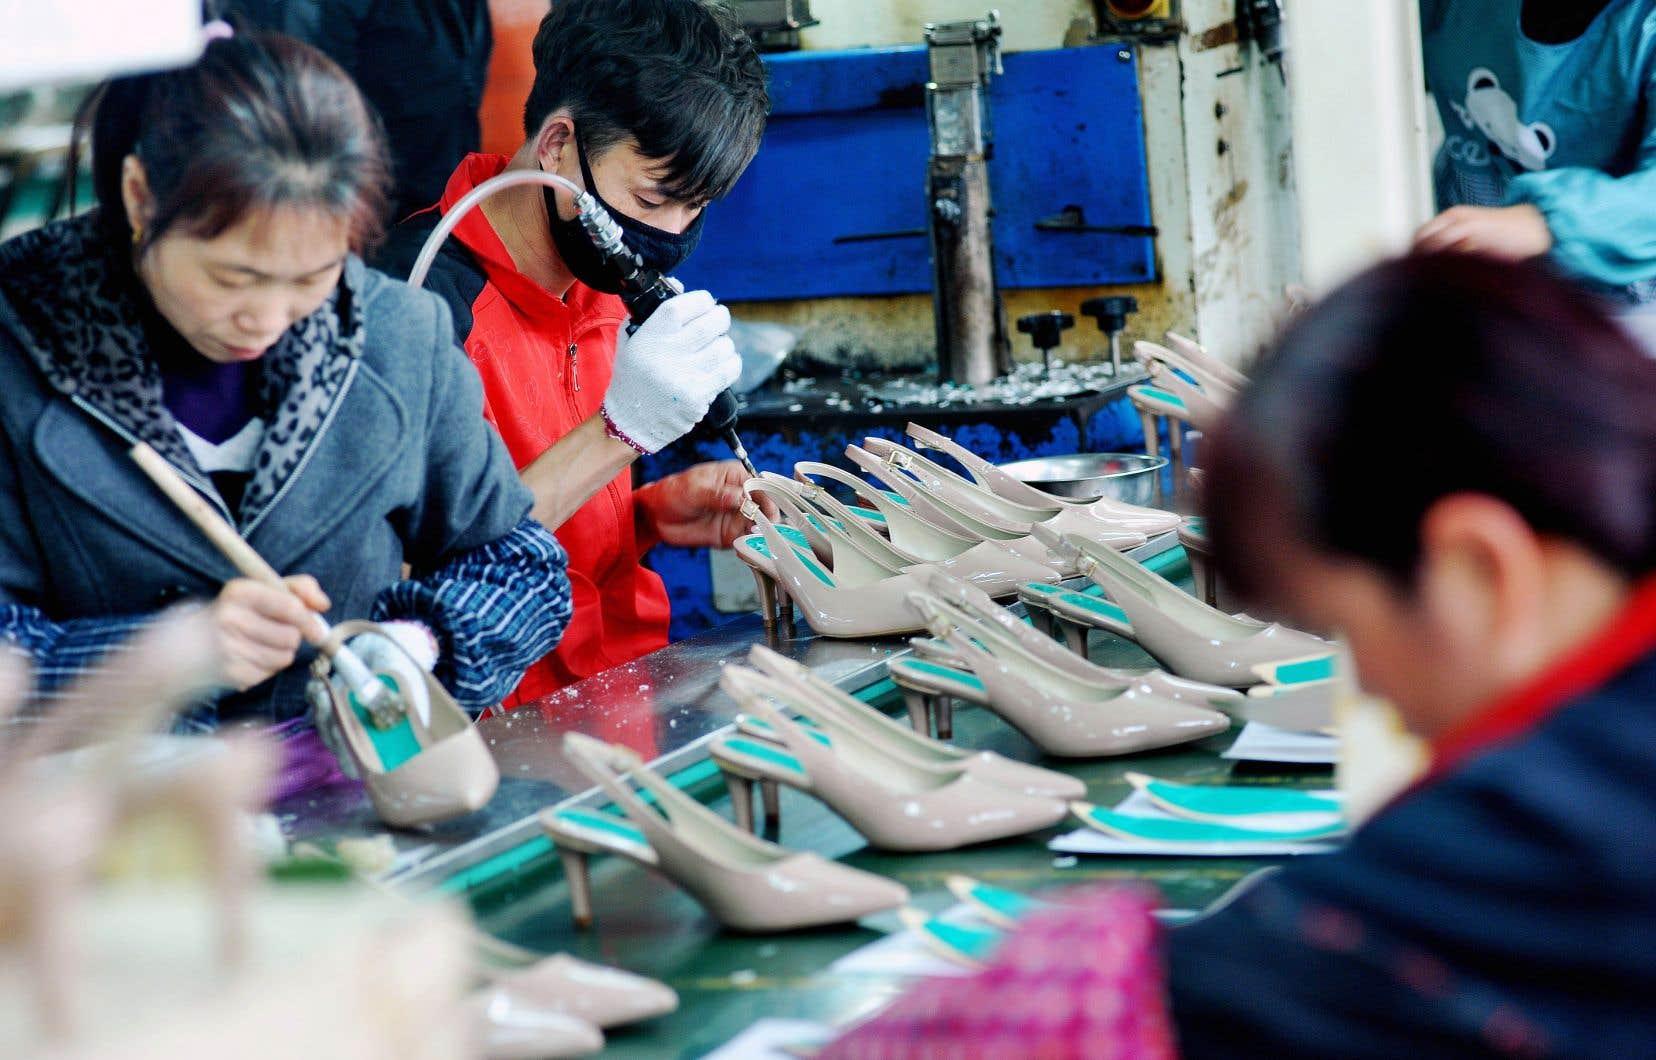 À Shangrao, des travailleurs chinois produisant des chaussures destinées à l'exportation, en mars 2018